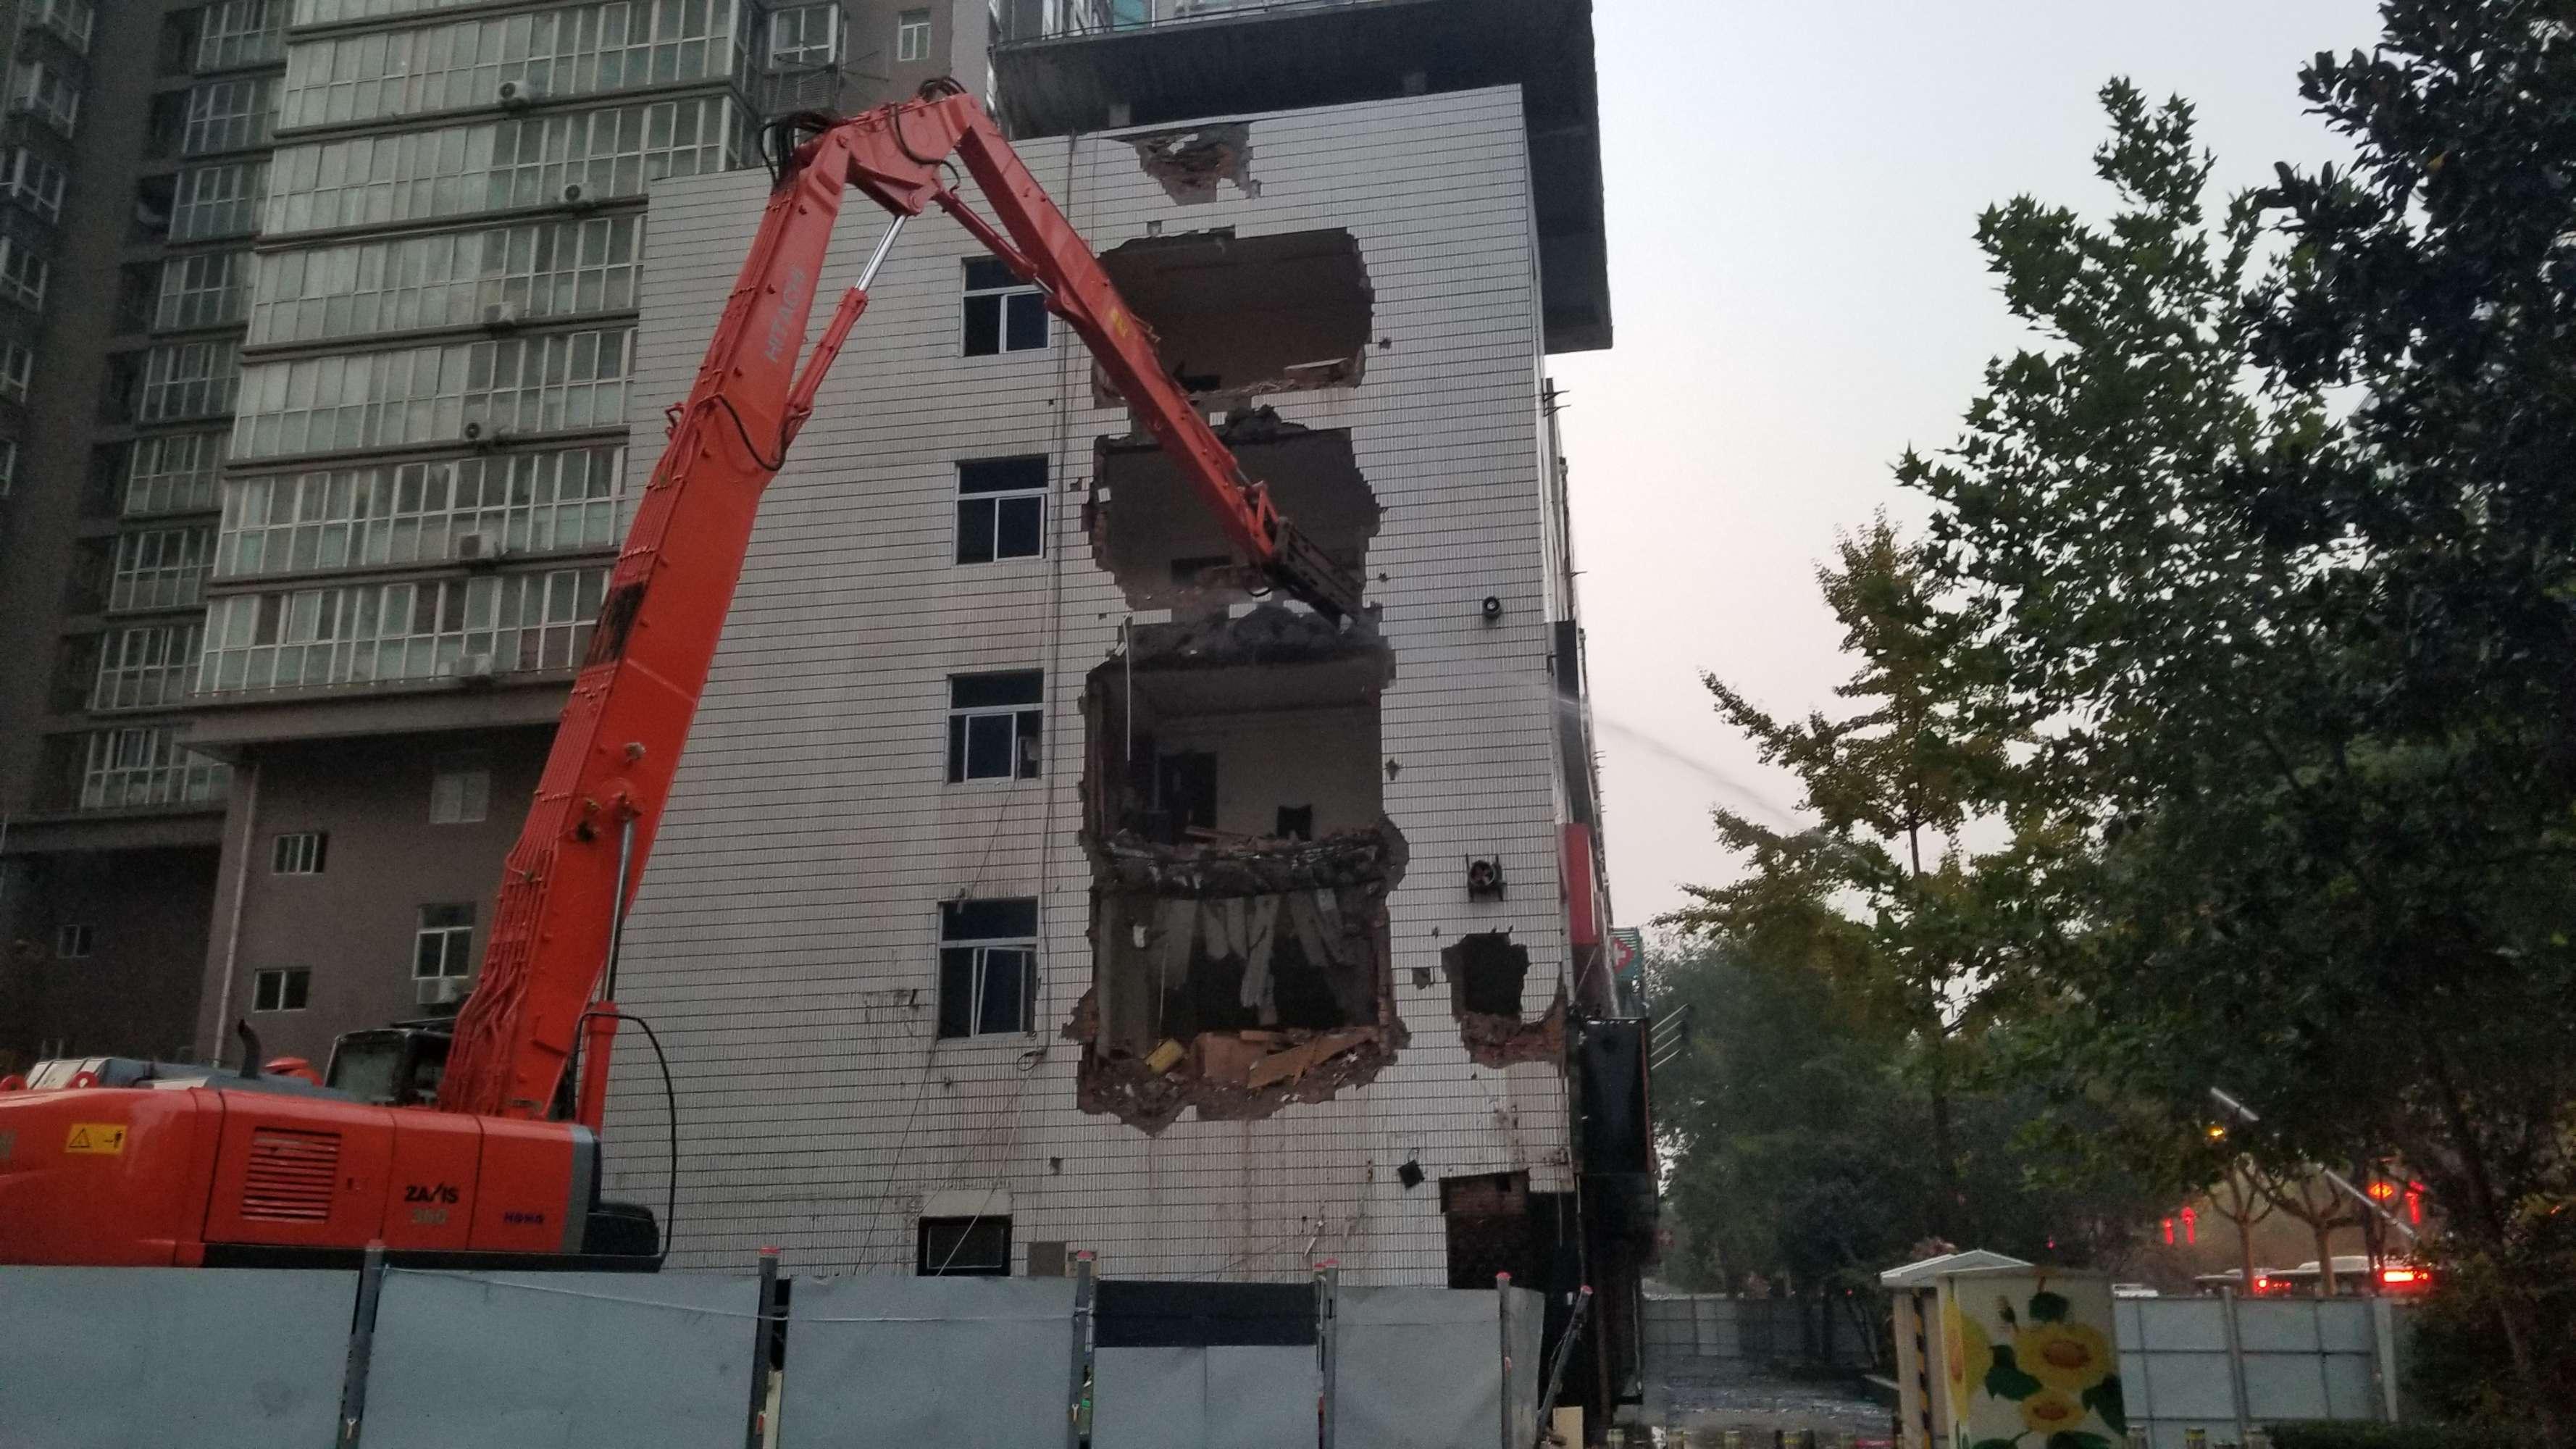 影响邻居消防安全存隐患 西安北郊一栋5层违建办公楼被拆